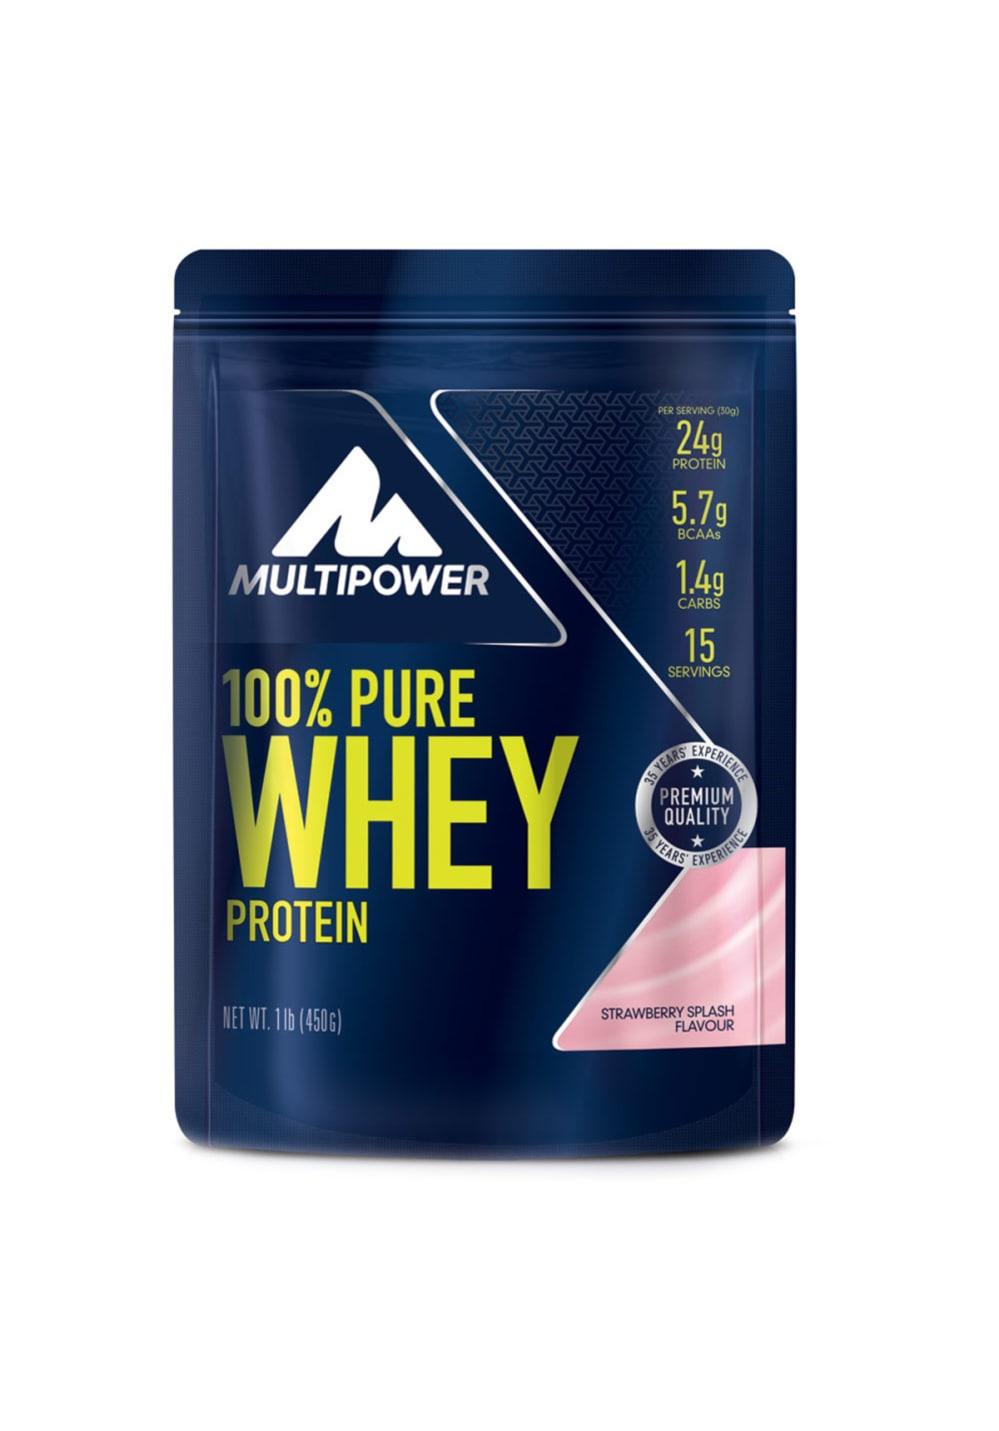 Multipower 100 % Pure Whey Strawberry Splash 450g Sporternaehrung Unisex unisize